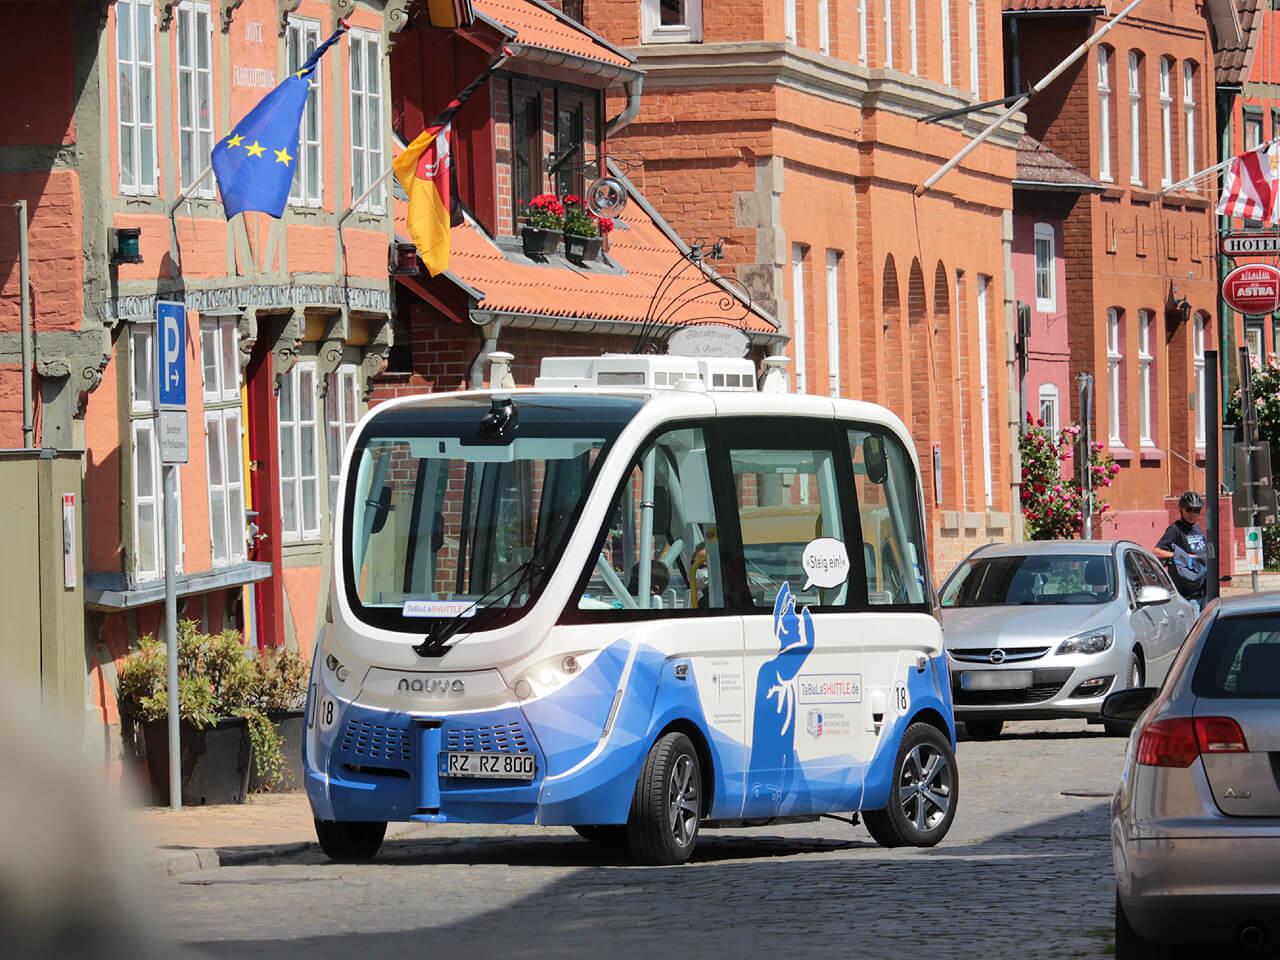 Der fahrerlose Bus fährt maximal 18 km/h